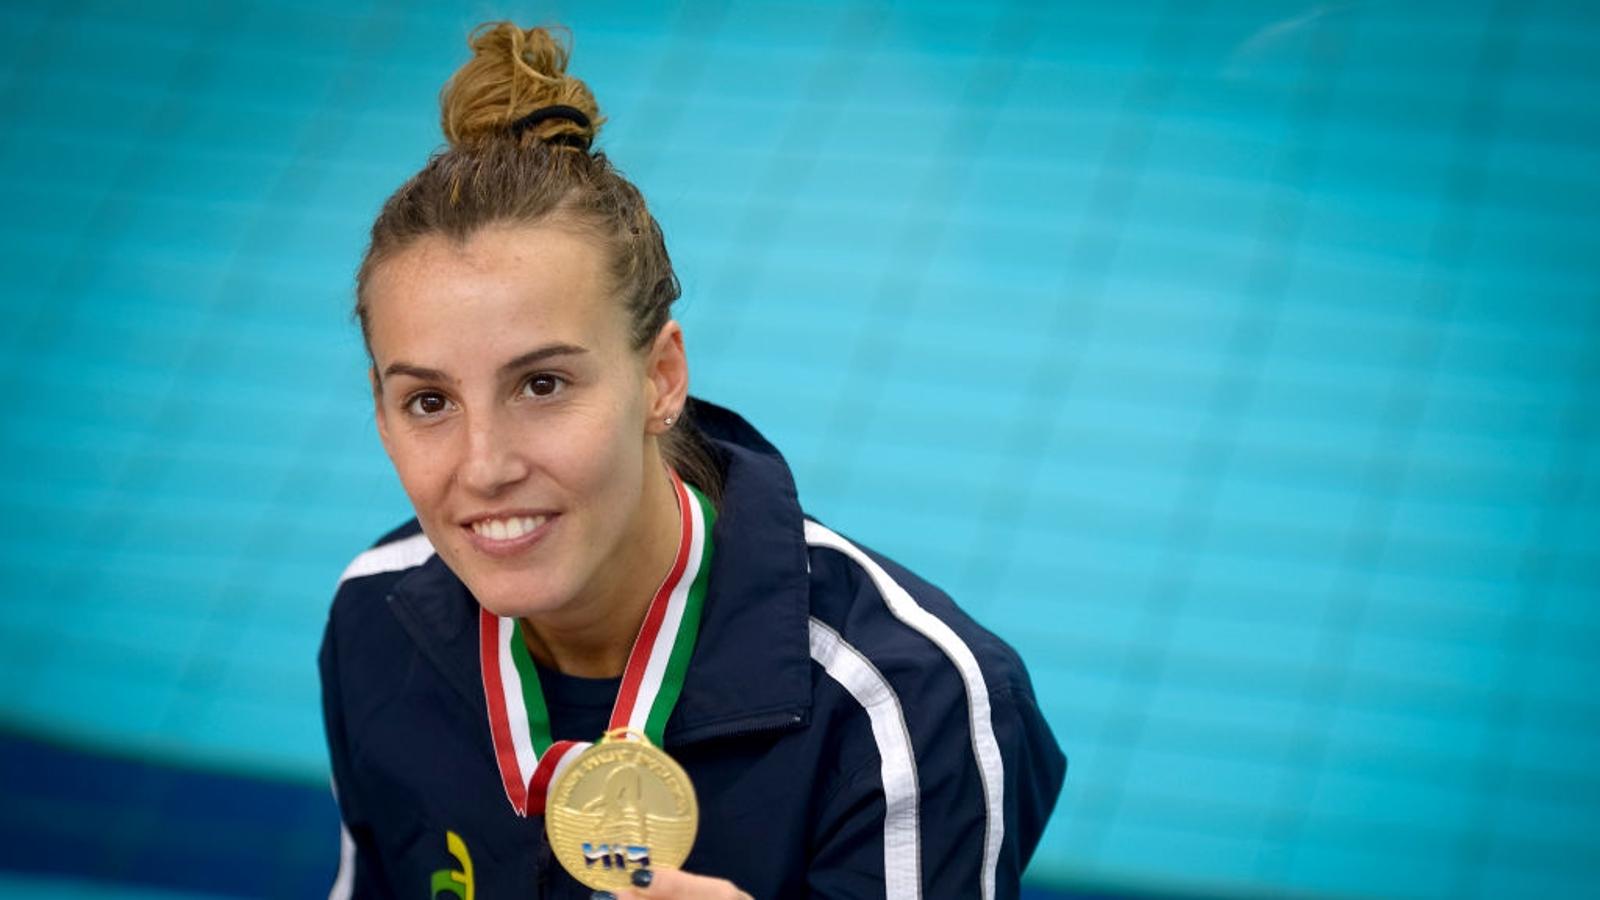 Tania Cagnotto di nuovo incinta annuncia il ritiro su